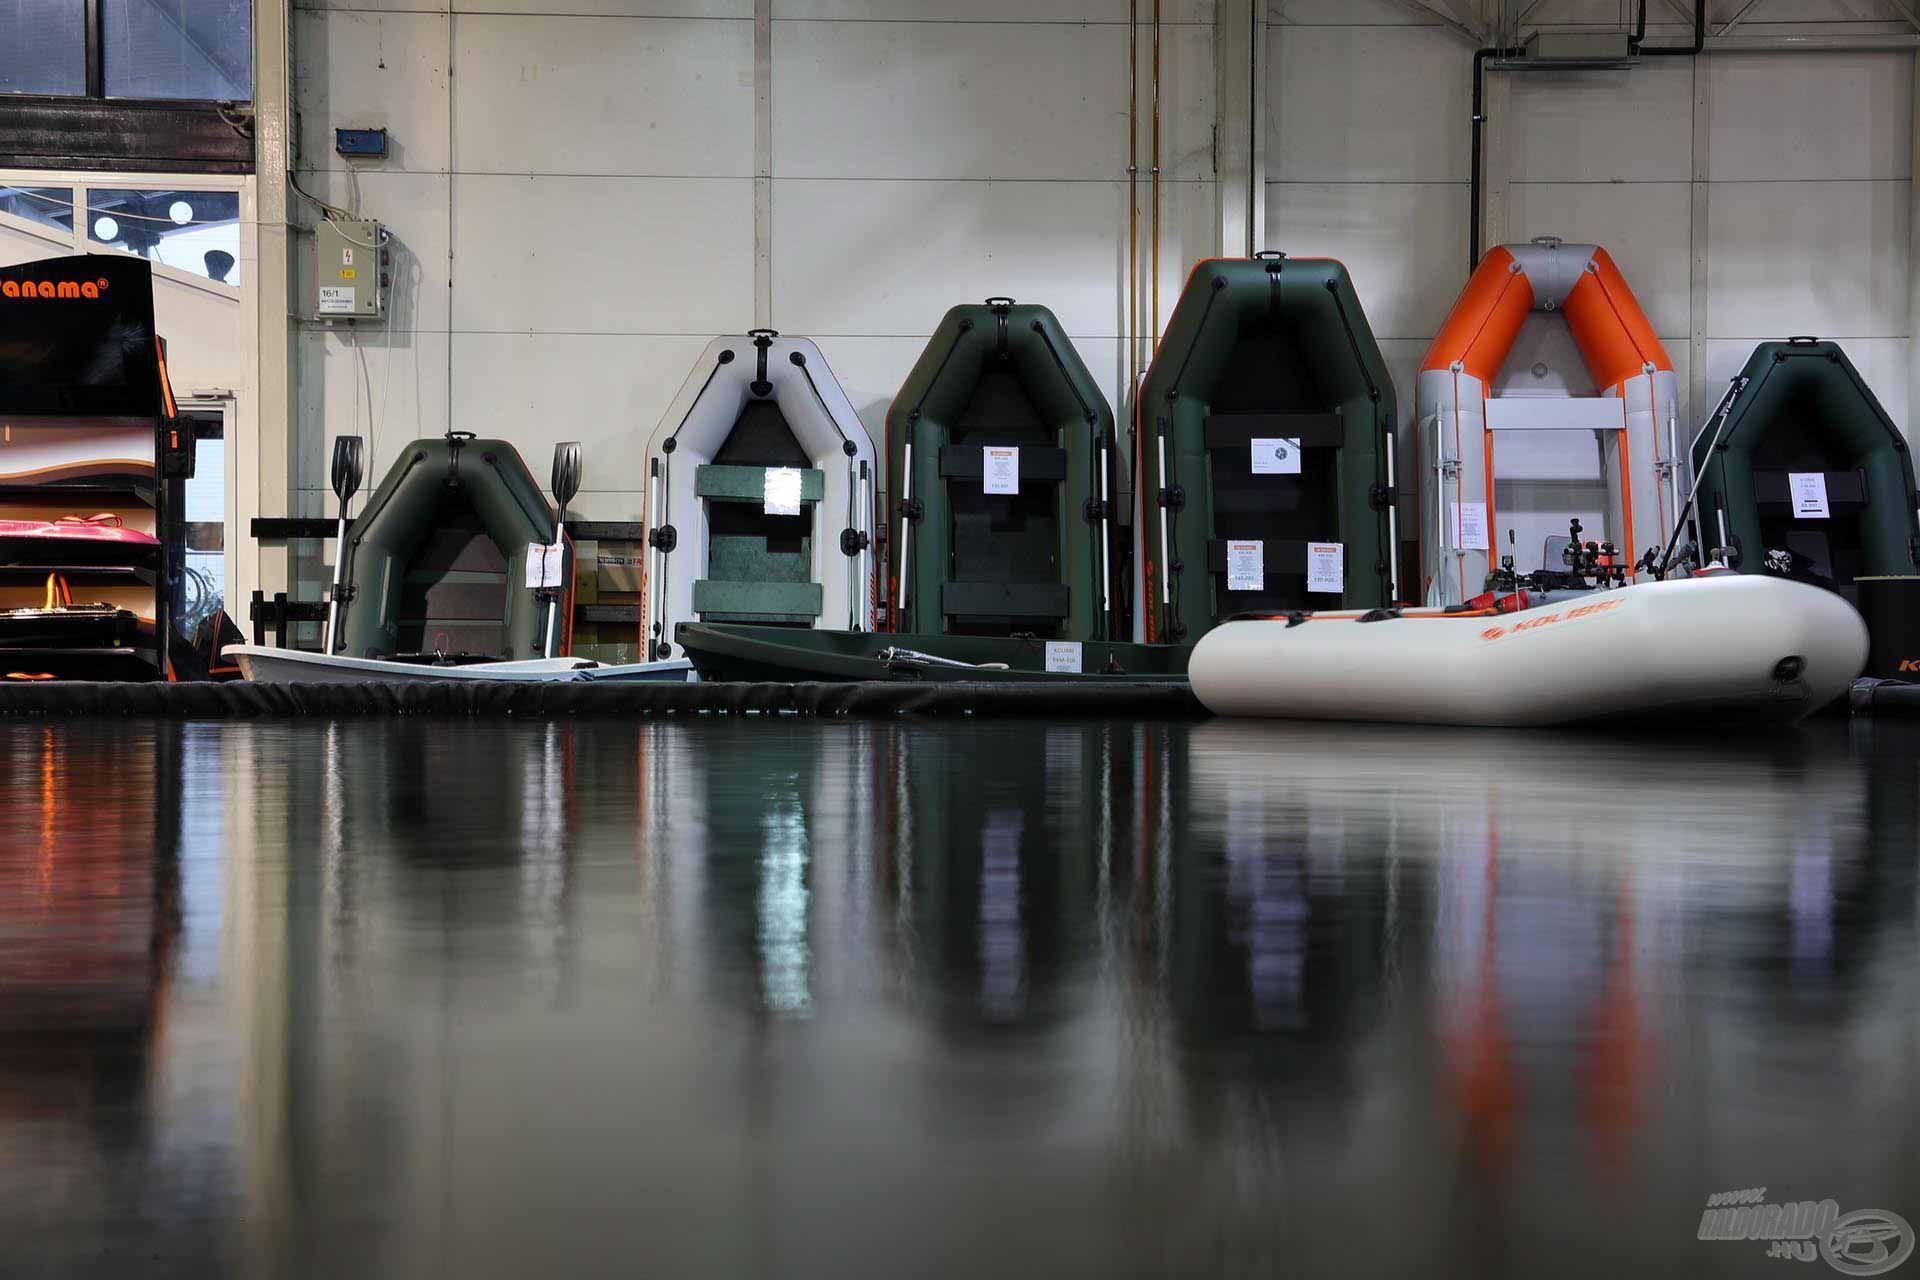 …és csónakok az épített tavakon – ezt ki kell próbálnod!